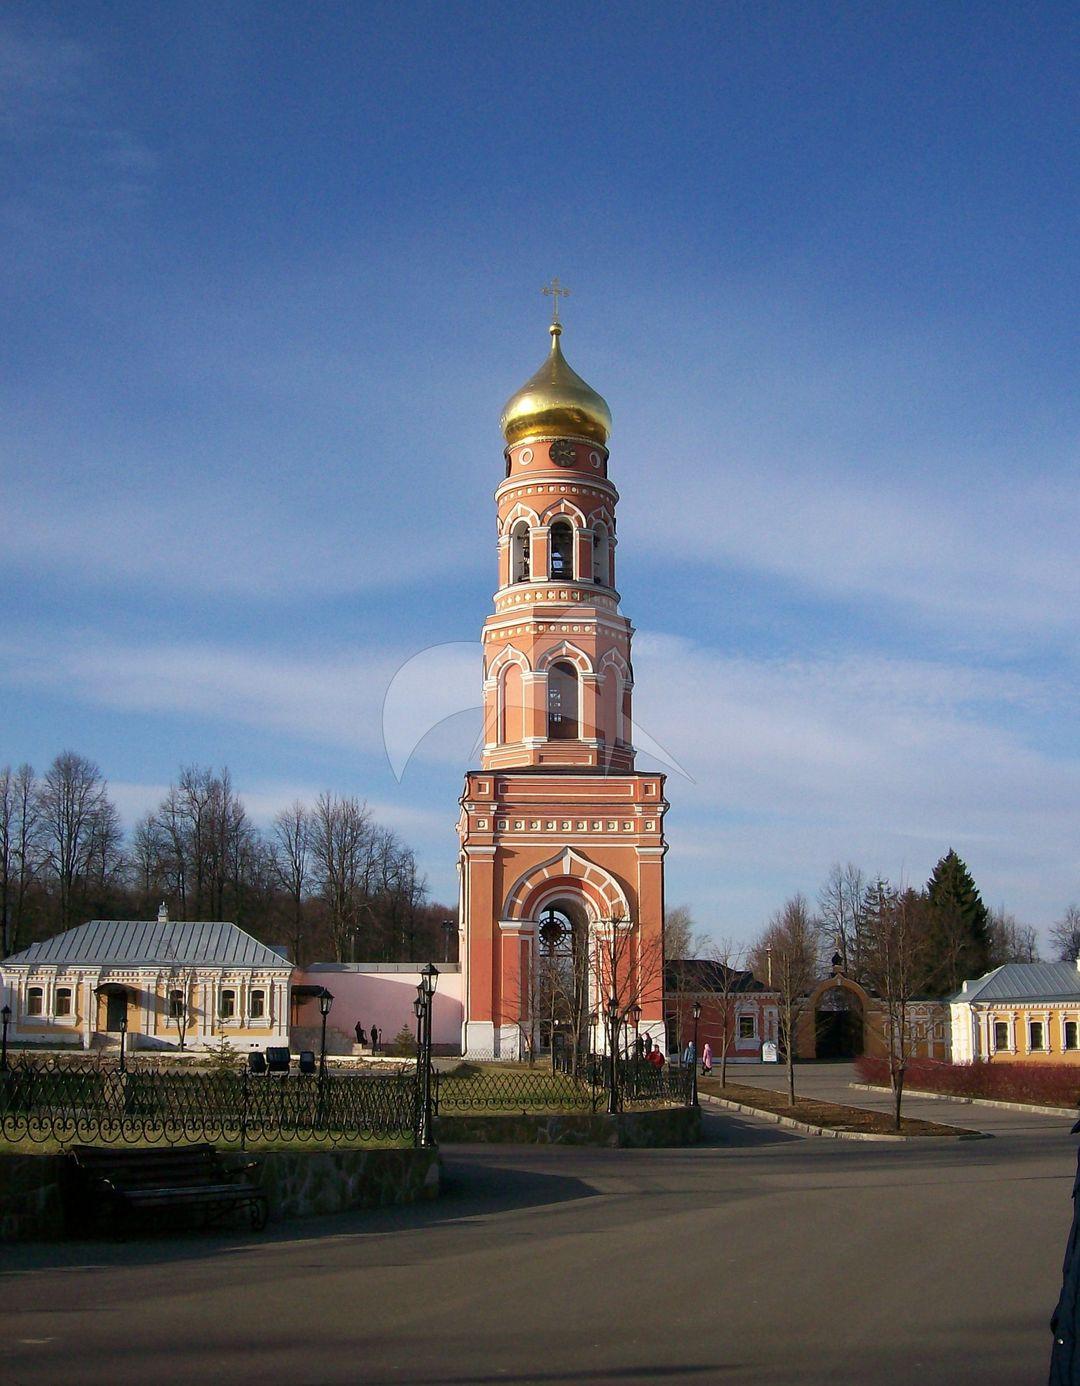 Колокольня с северной сторожкой, монастырь «Вознесенская Свято-Давидова пустынь»